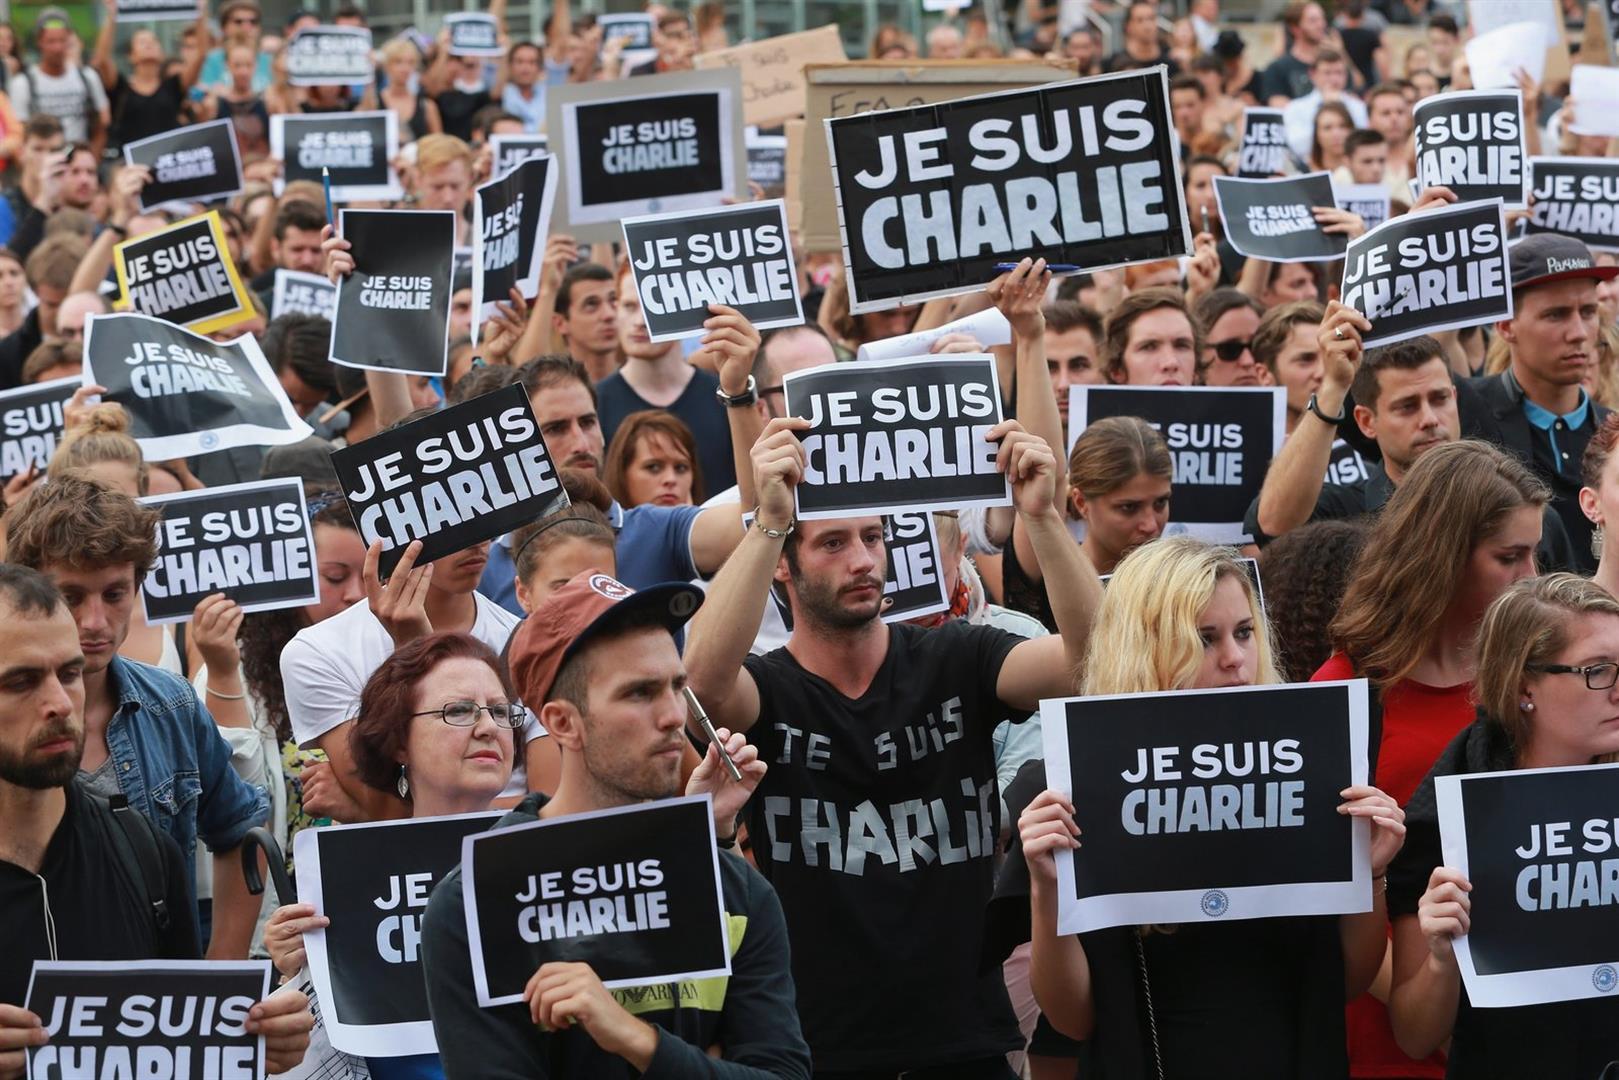 Charlie Hebdo - Bei weltweiten Solidaritätsaktionen machten sich viele zum Volltrottel. Denn das Wort Charlie in dem Satz 'Je suis Charlie' (Ich bin Charlie) heißt umgangssprachlich im englischen (Voll)trottel.